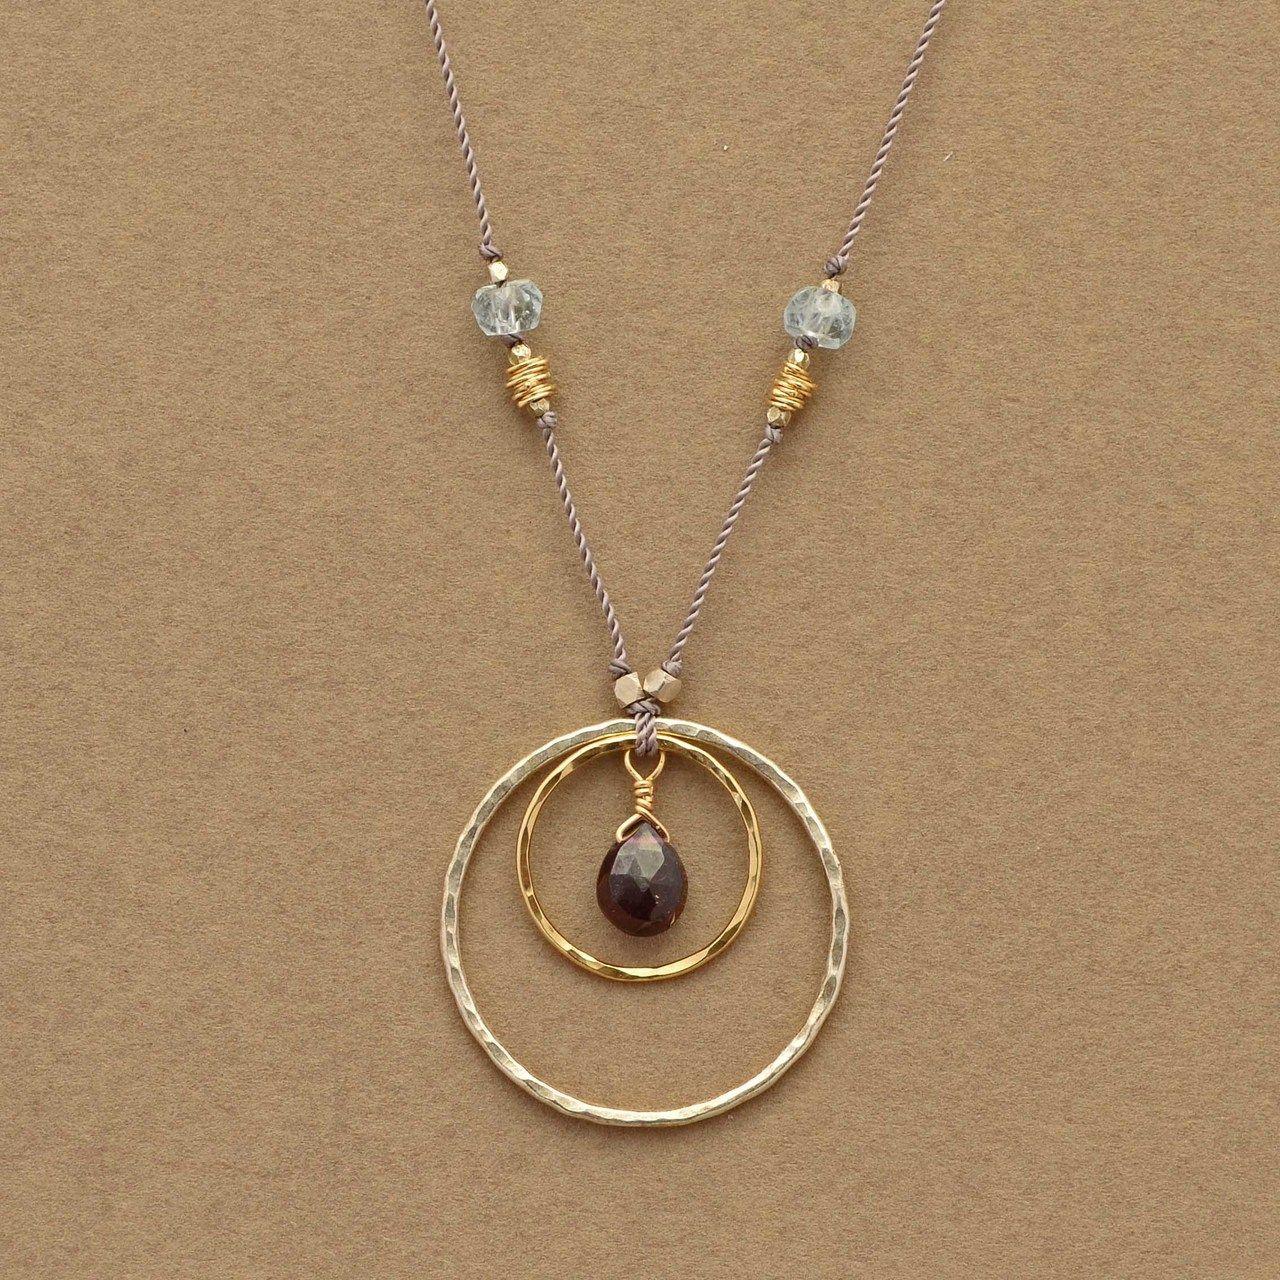 Unique Jewelry: Elizabeth Plumb Unique Handmade Jewelry And Artisan